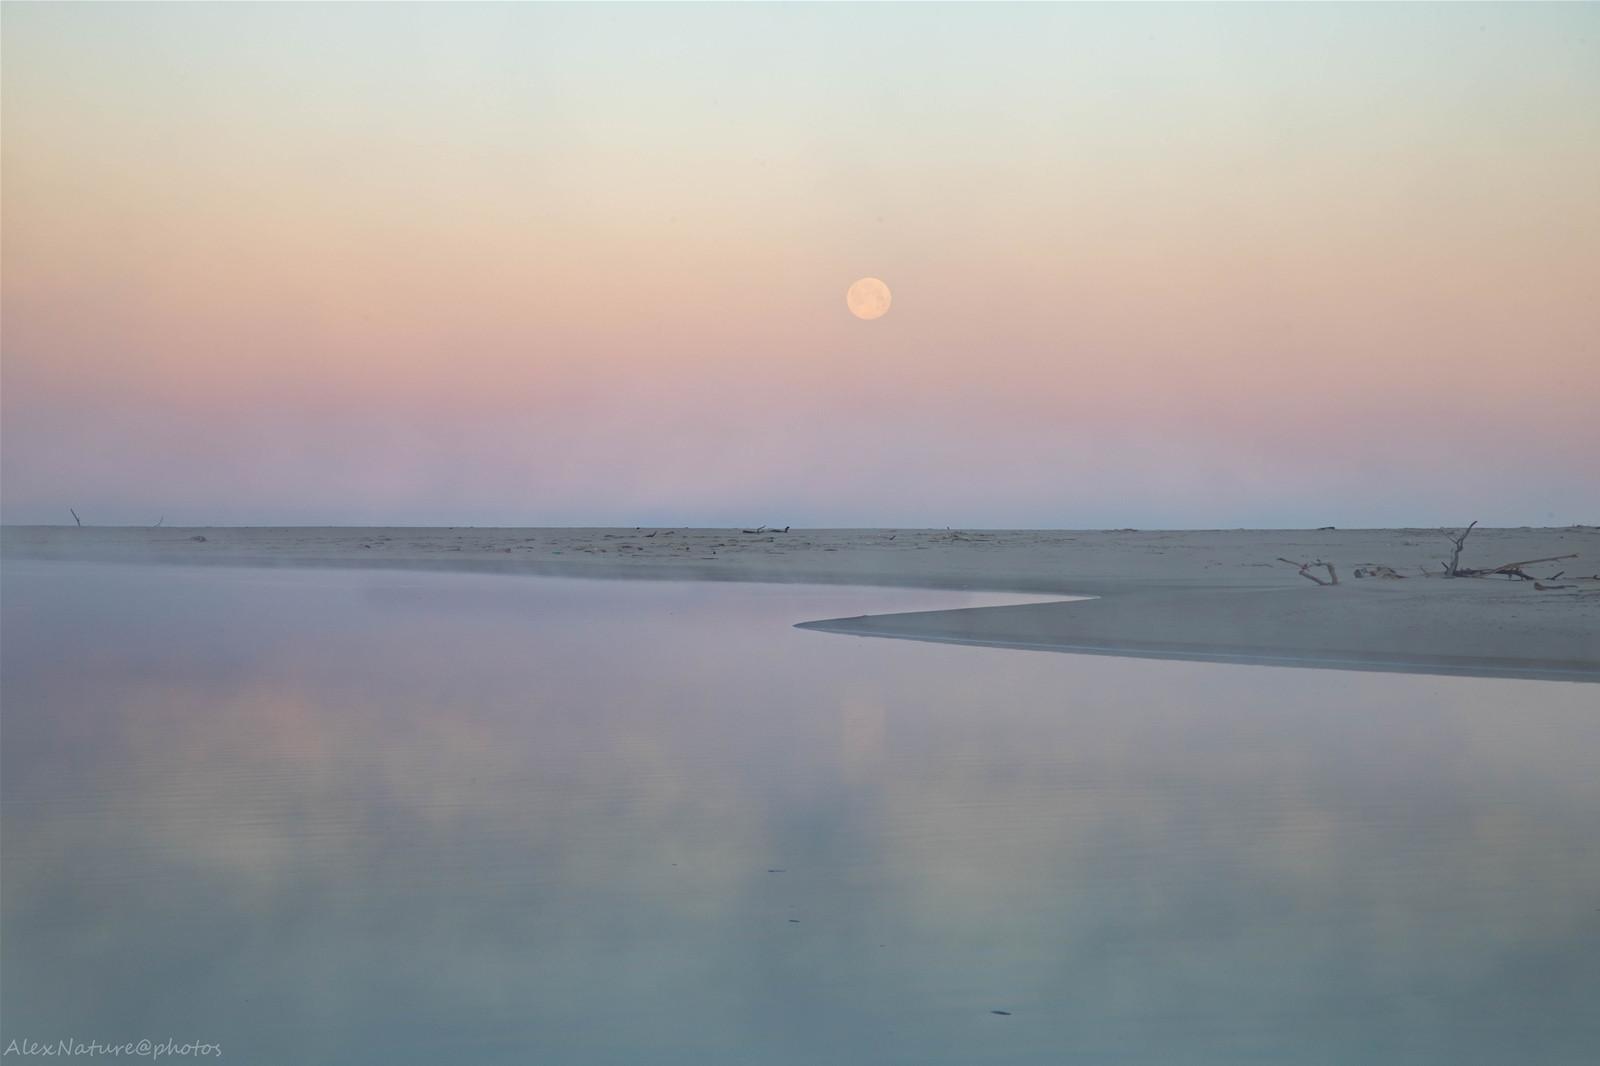 Pleine lune sur le courant du Huchet